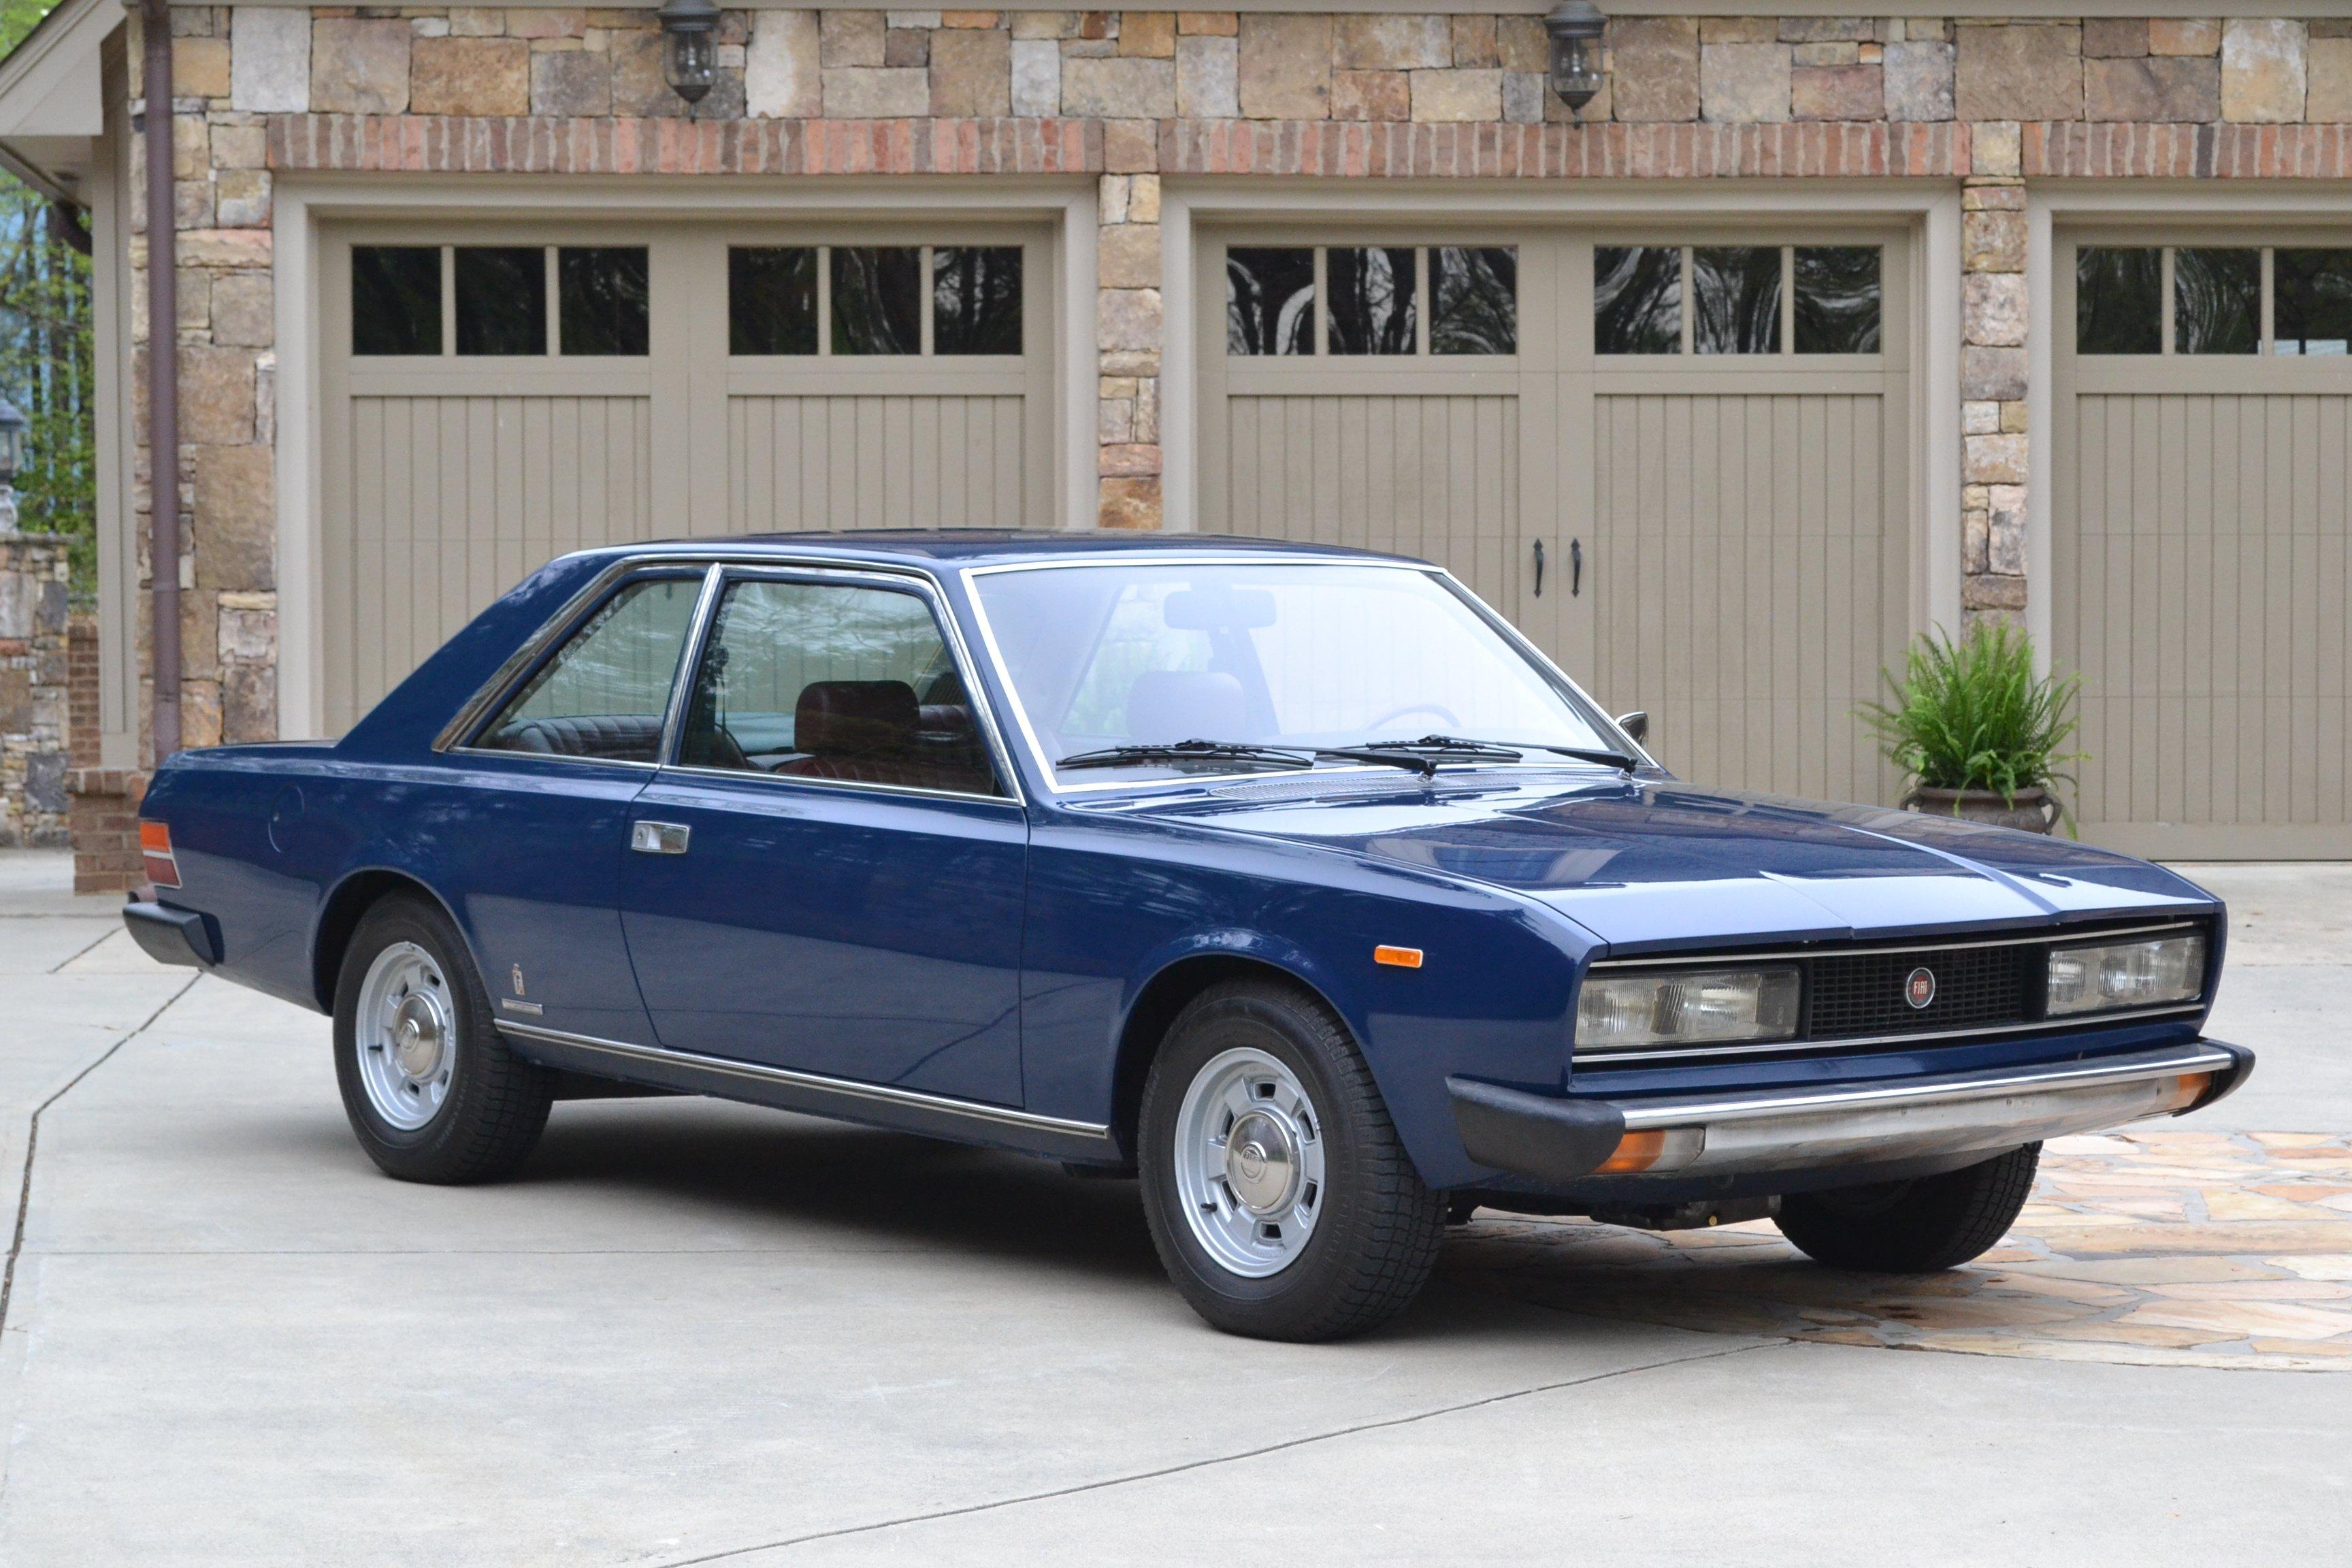 FIAT 130 silver